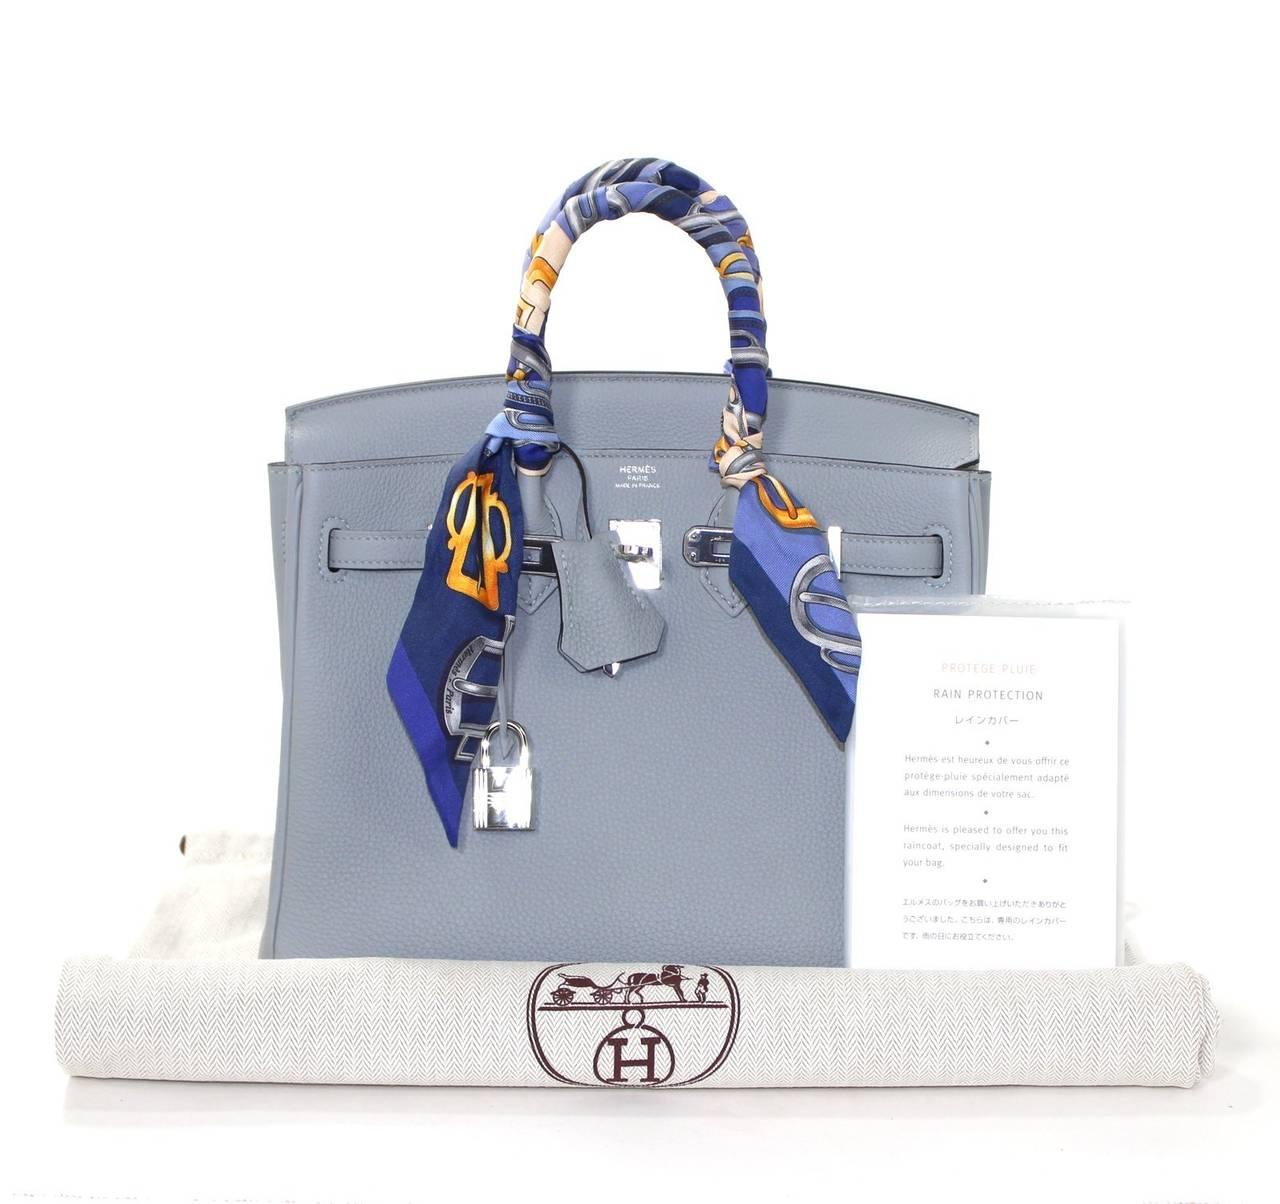 green birkin bag - Hermes Glacier Blue Togo 25 cm Birkin Bag- New Color at 1stdibs